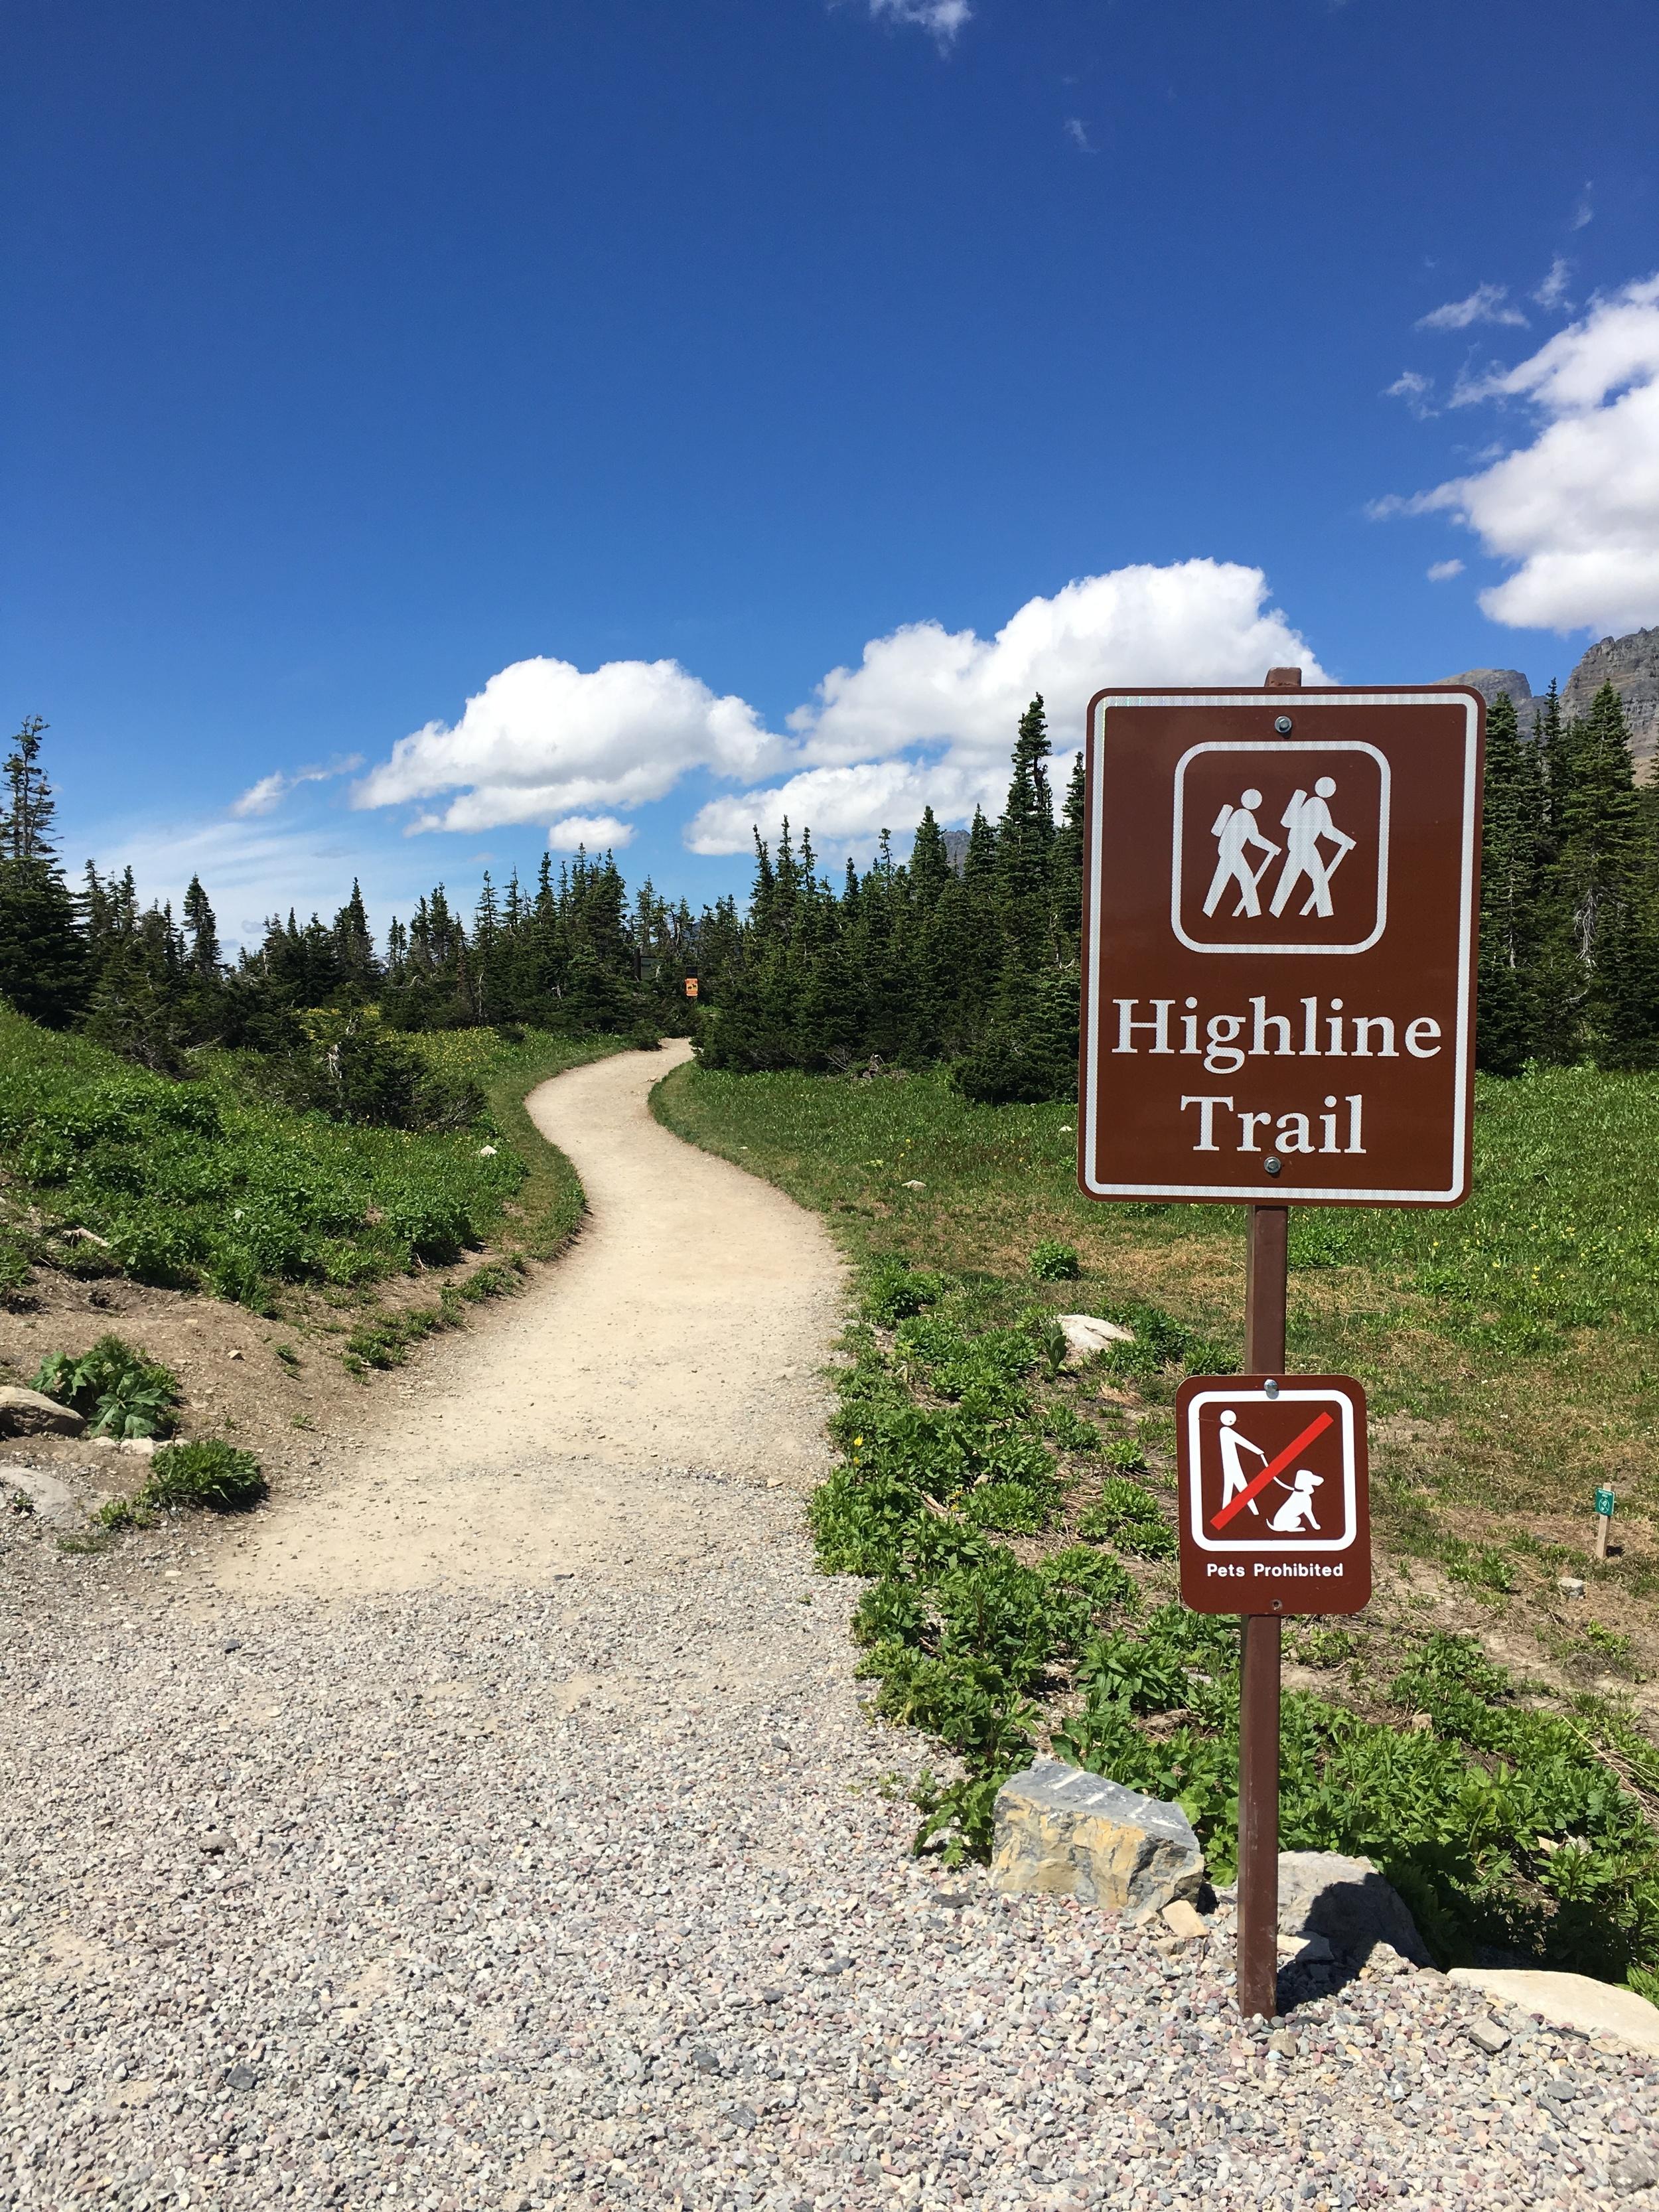 Highline trail trailhead